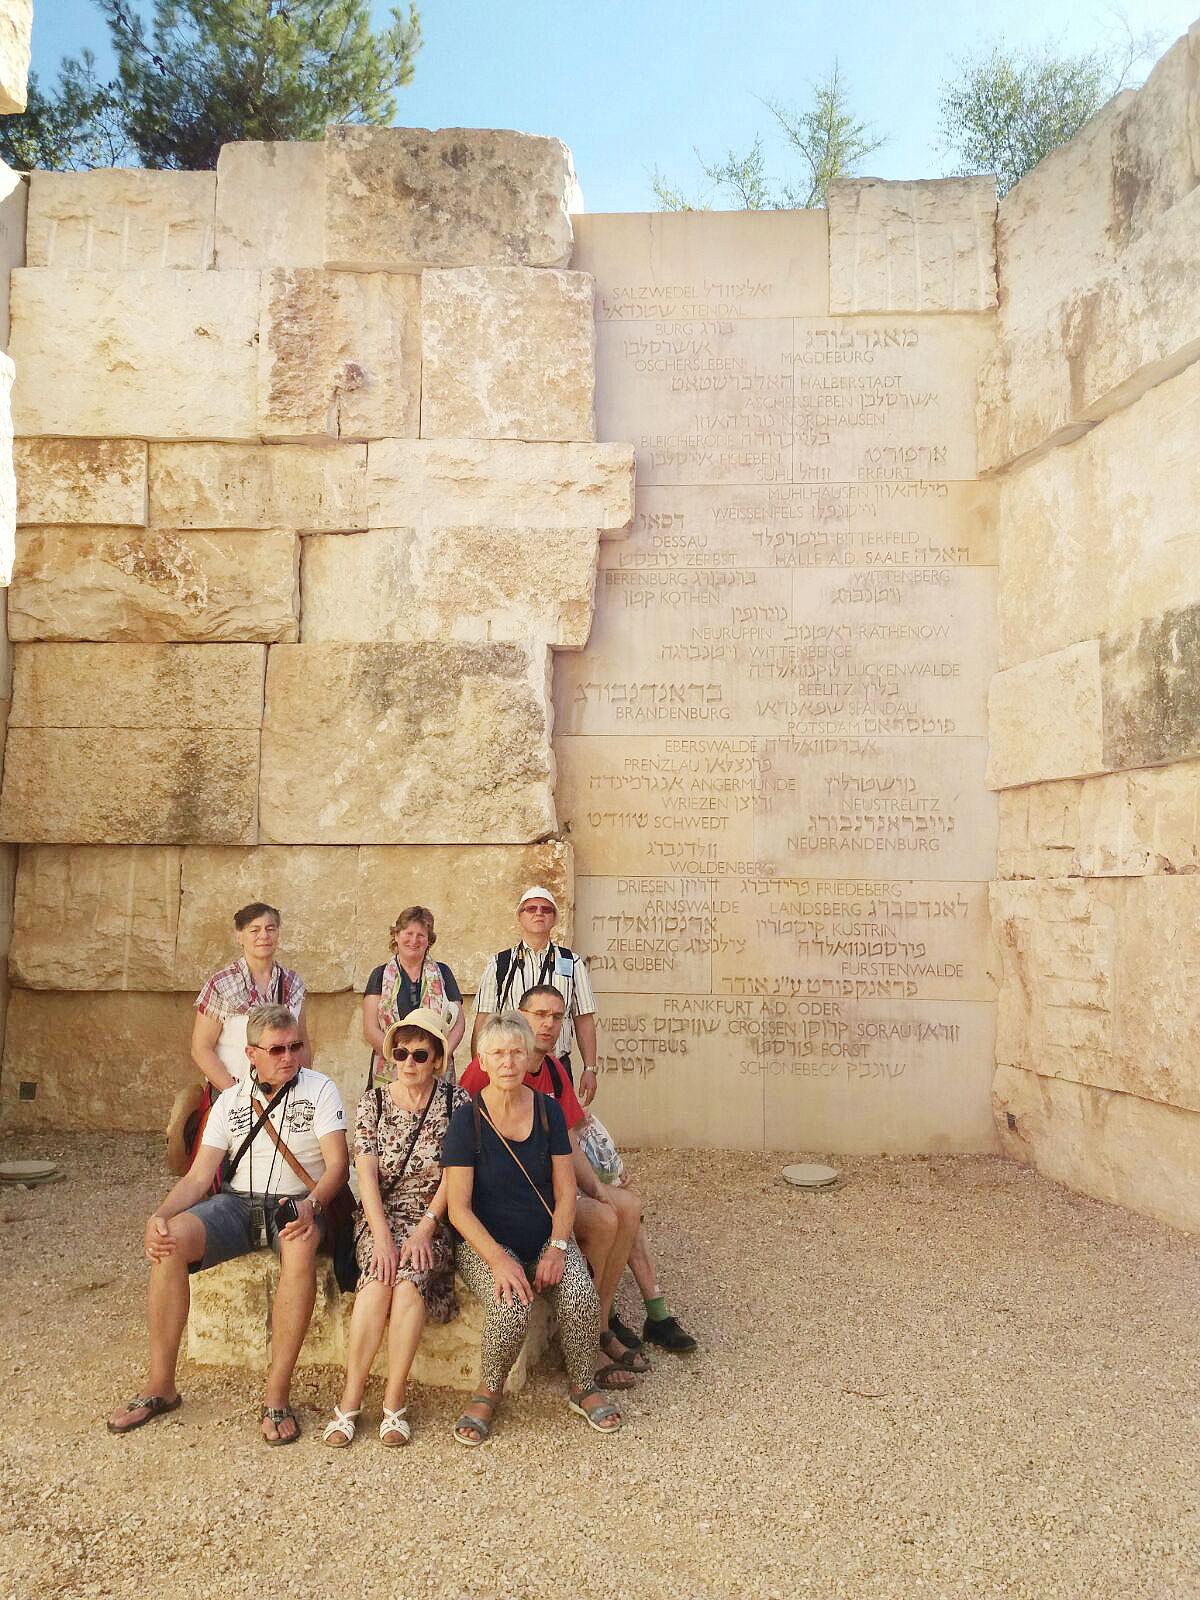 Reise nach Israel 2017: Die Gruppe im Tal der ausgelöschten Gemeinden inkl Beelitz